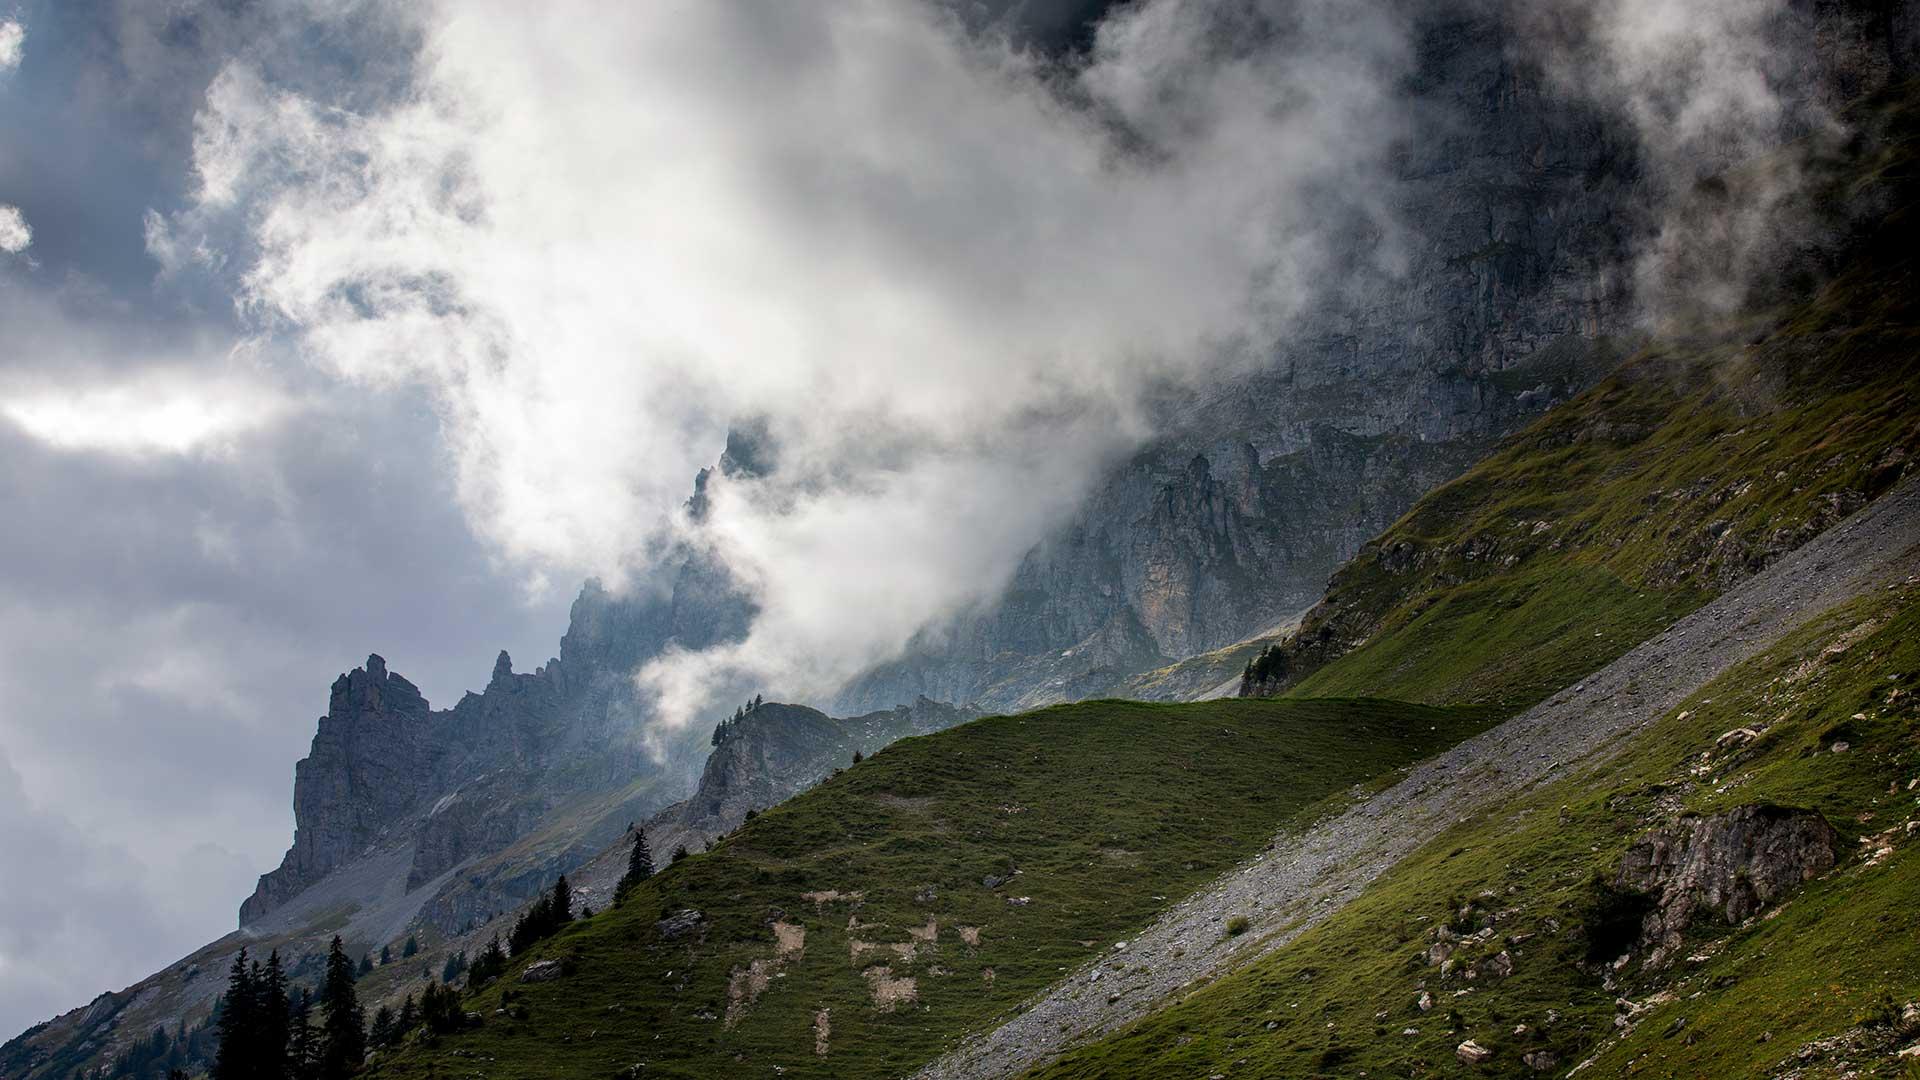 Wanderung Engstlenalp-Tälli: Ausblicke in die Gadmer-Dolomiten.